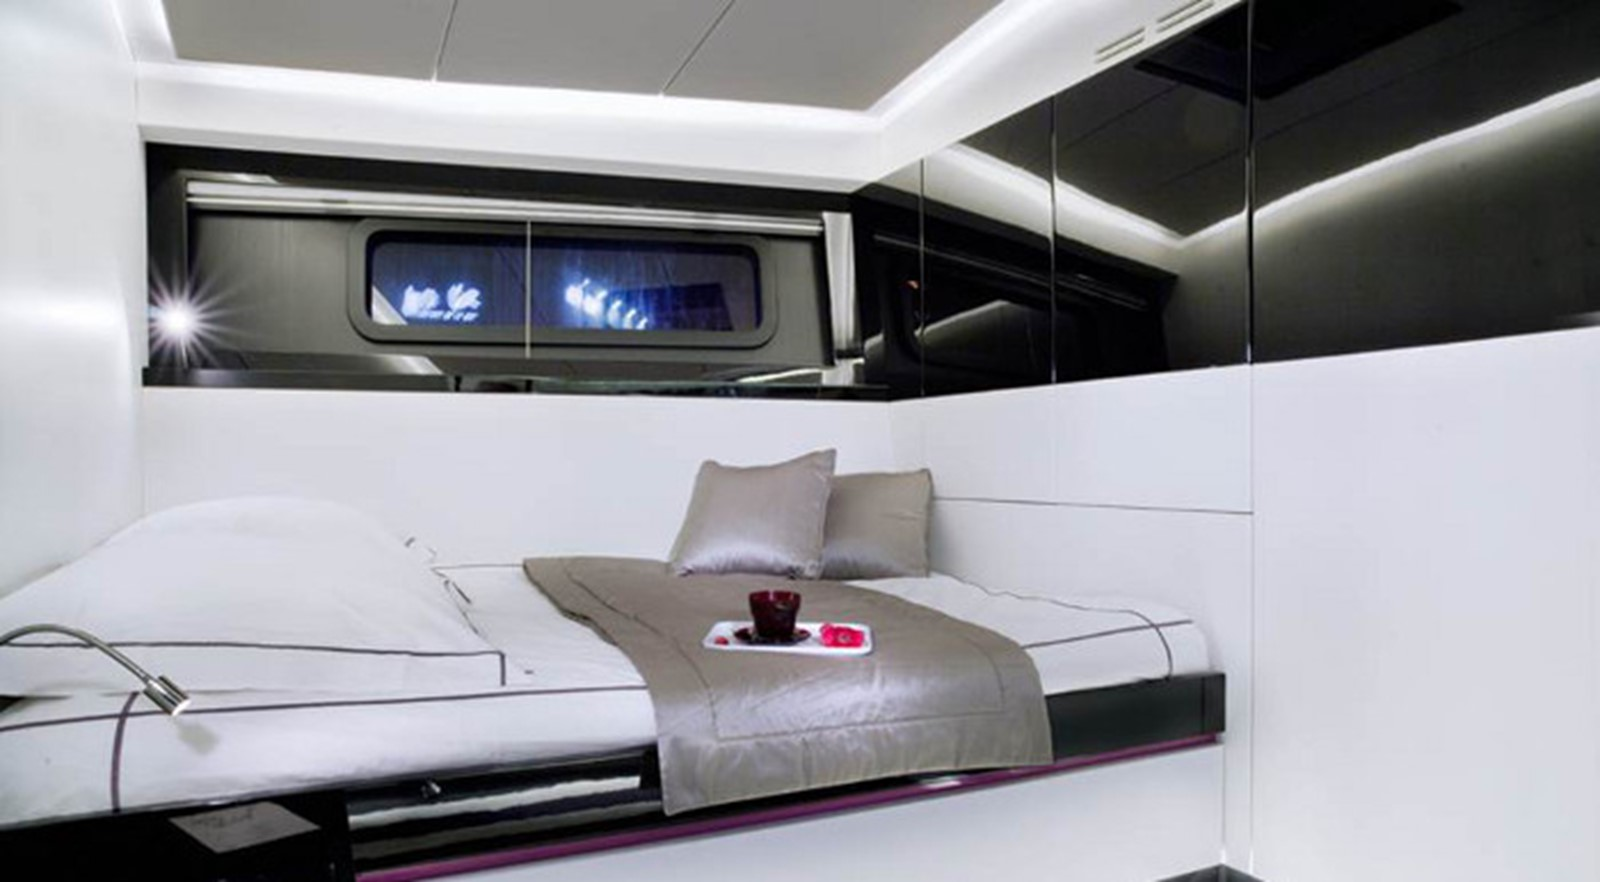 2013 MAXI DOLPHIN SRL Maxi 100 cruiser-racer Cruising Sailboat 2463058